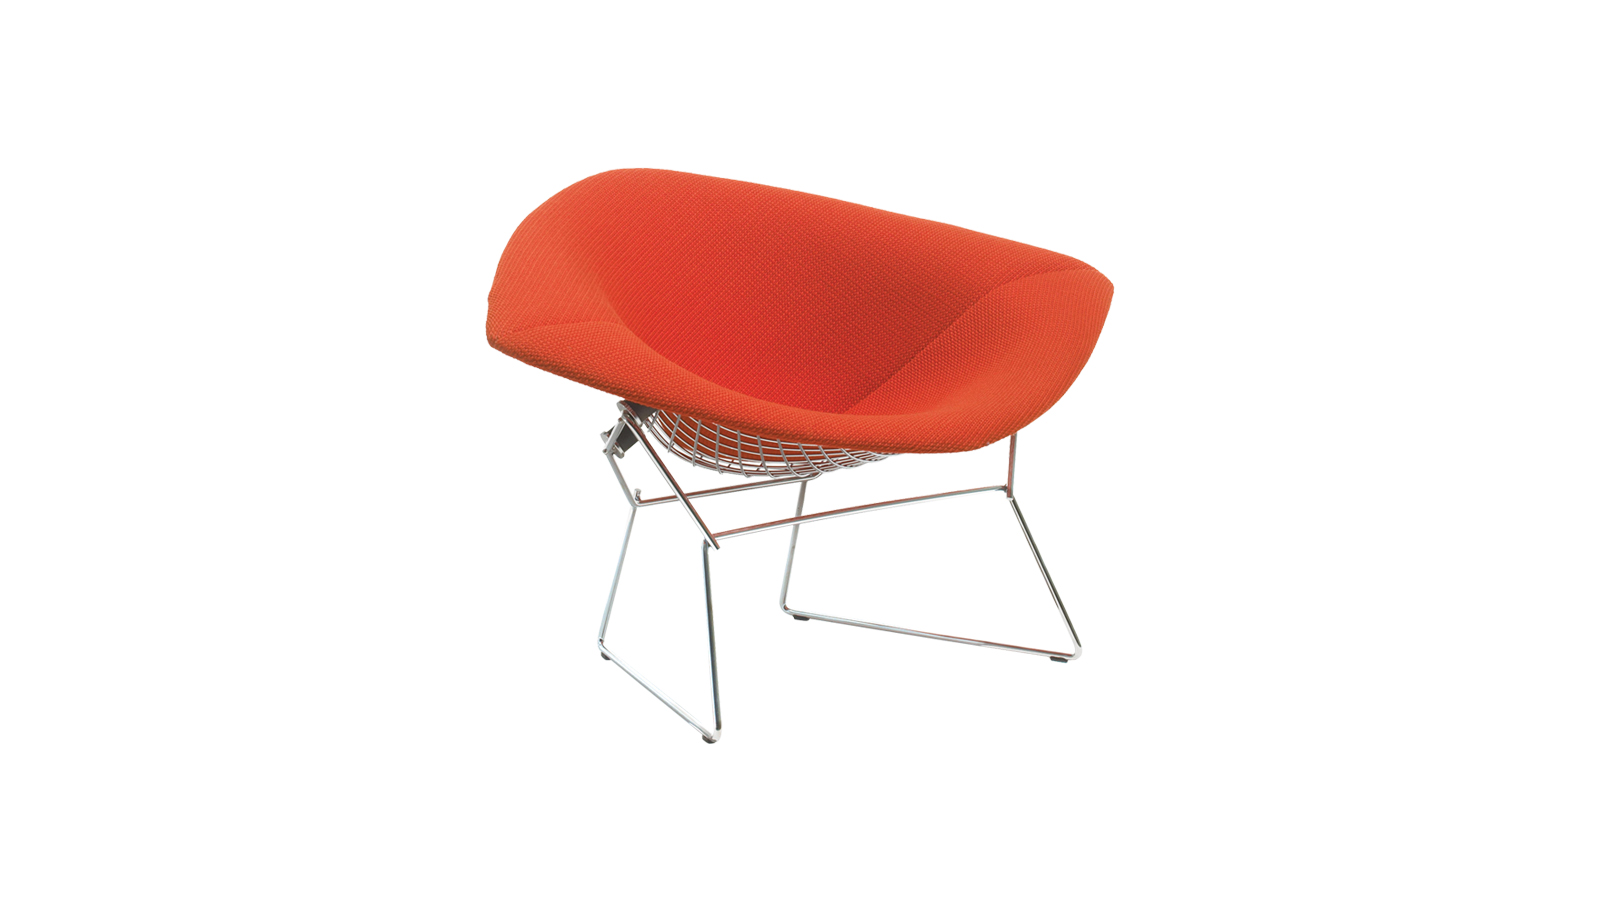 Harry Bertoia, az olasz születésű amerikai képzőművész eredetileg ékszerészként dolgozott, legnagyobb hatású alkotása mégis egy ülőalkalmatosság. A Bertoia szék eredetijét az a vágy szülte, hogy egy olyan hétköznapi ipari anyagot, mint a huzal, a bútorkészítésben is hasznosítani lehessen – ennek eredménye az a bútorcsalád, mely több, mint 60 éve örvend töretlen népszerűségnek, kárpitos és kárpit nélküli változatban is.